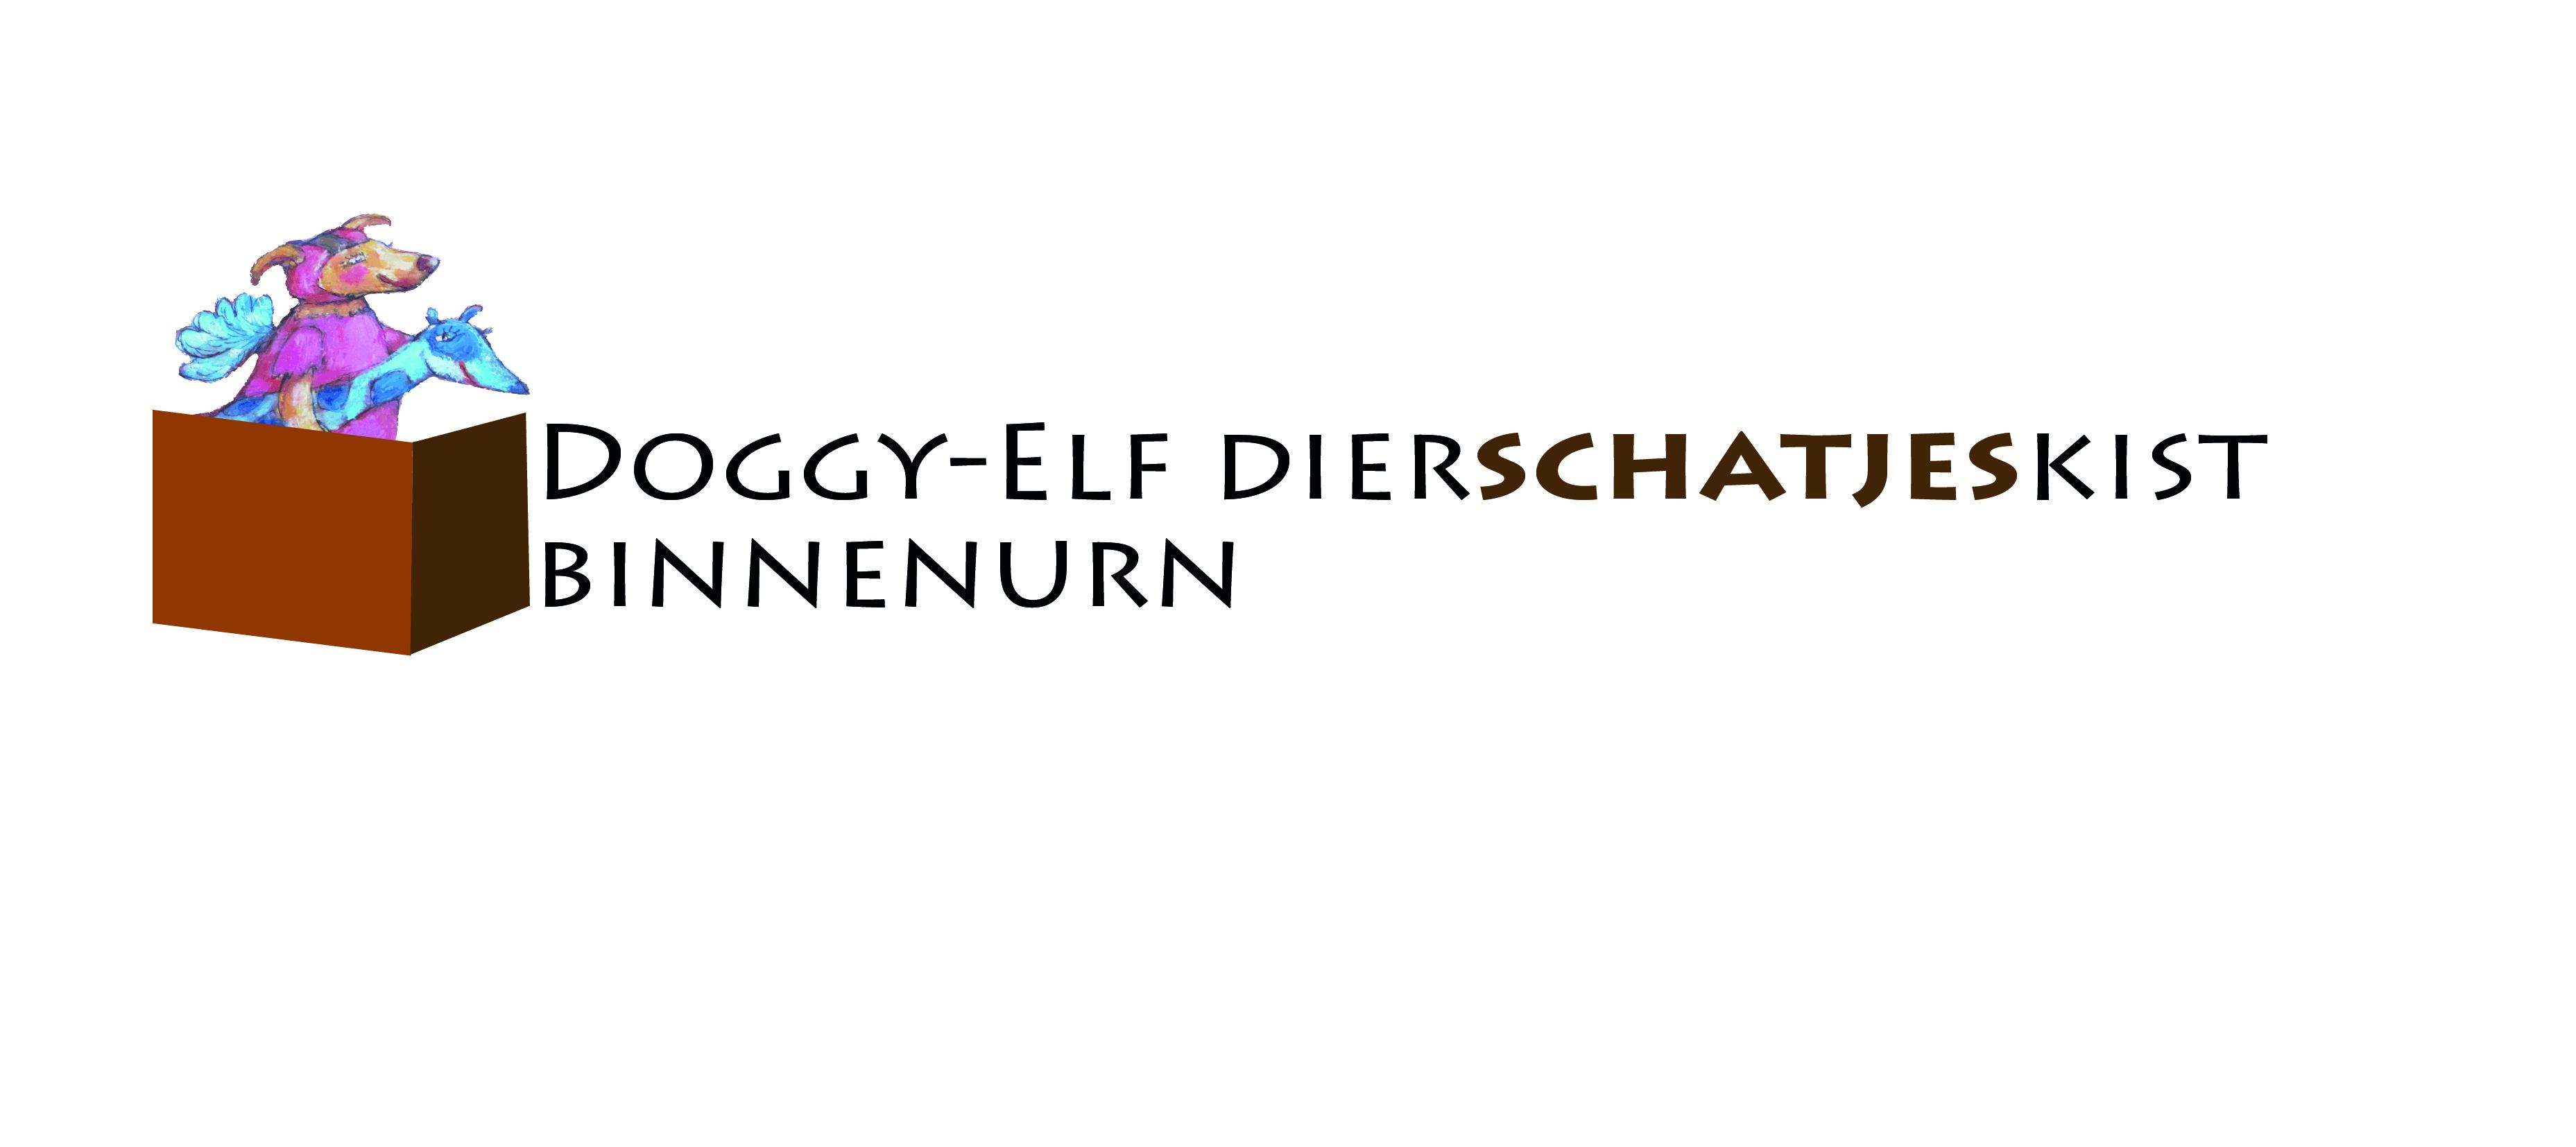 Doggy-Elf dierschatjeskist - binnenurn logo